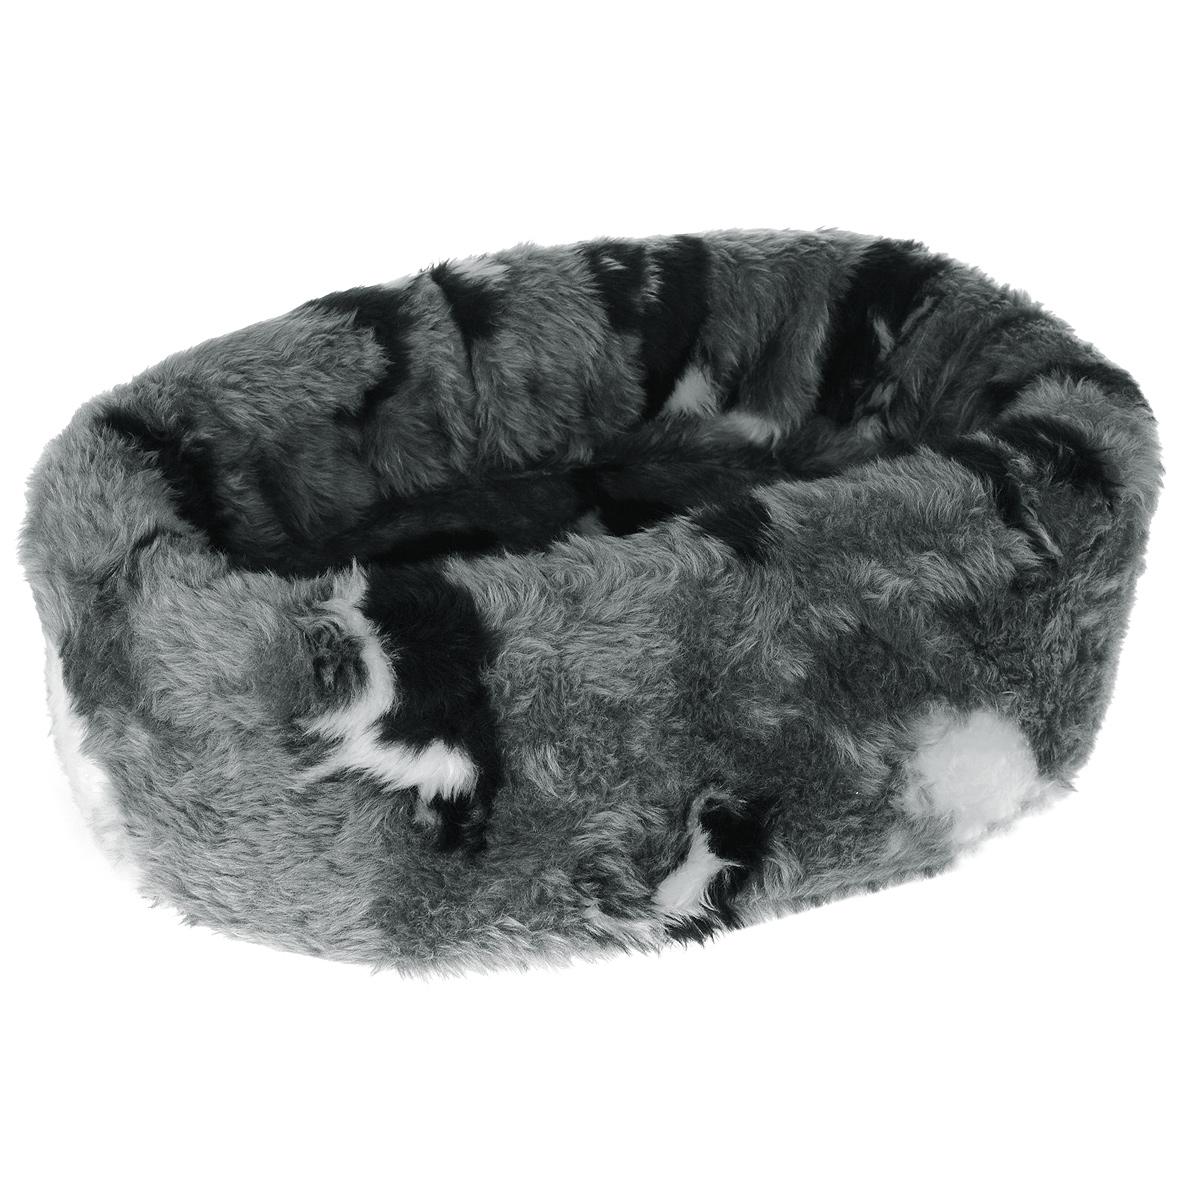 Лежанка для кошек I.P.T.S. Pussy, круглая, 40 см0120710Такая лежанка станет излюбленным местом отдыха для вашего питомца, ведь уютное спальное место из меха по достоинству оценит даже самый привередливый кот. Лежанка имеет округлую форму и выполнена в приятных бело-серых оттенках с изображением кошек. Изделие будет одинаково хорошо смотреться как в гостиной, так и в другой комнате. Диаметр лежанки: 40 см.Товар сертифицирован.